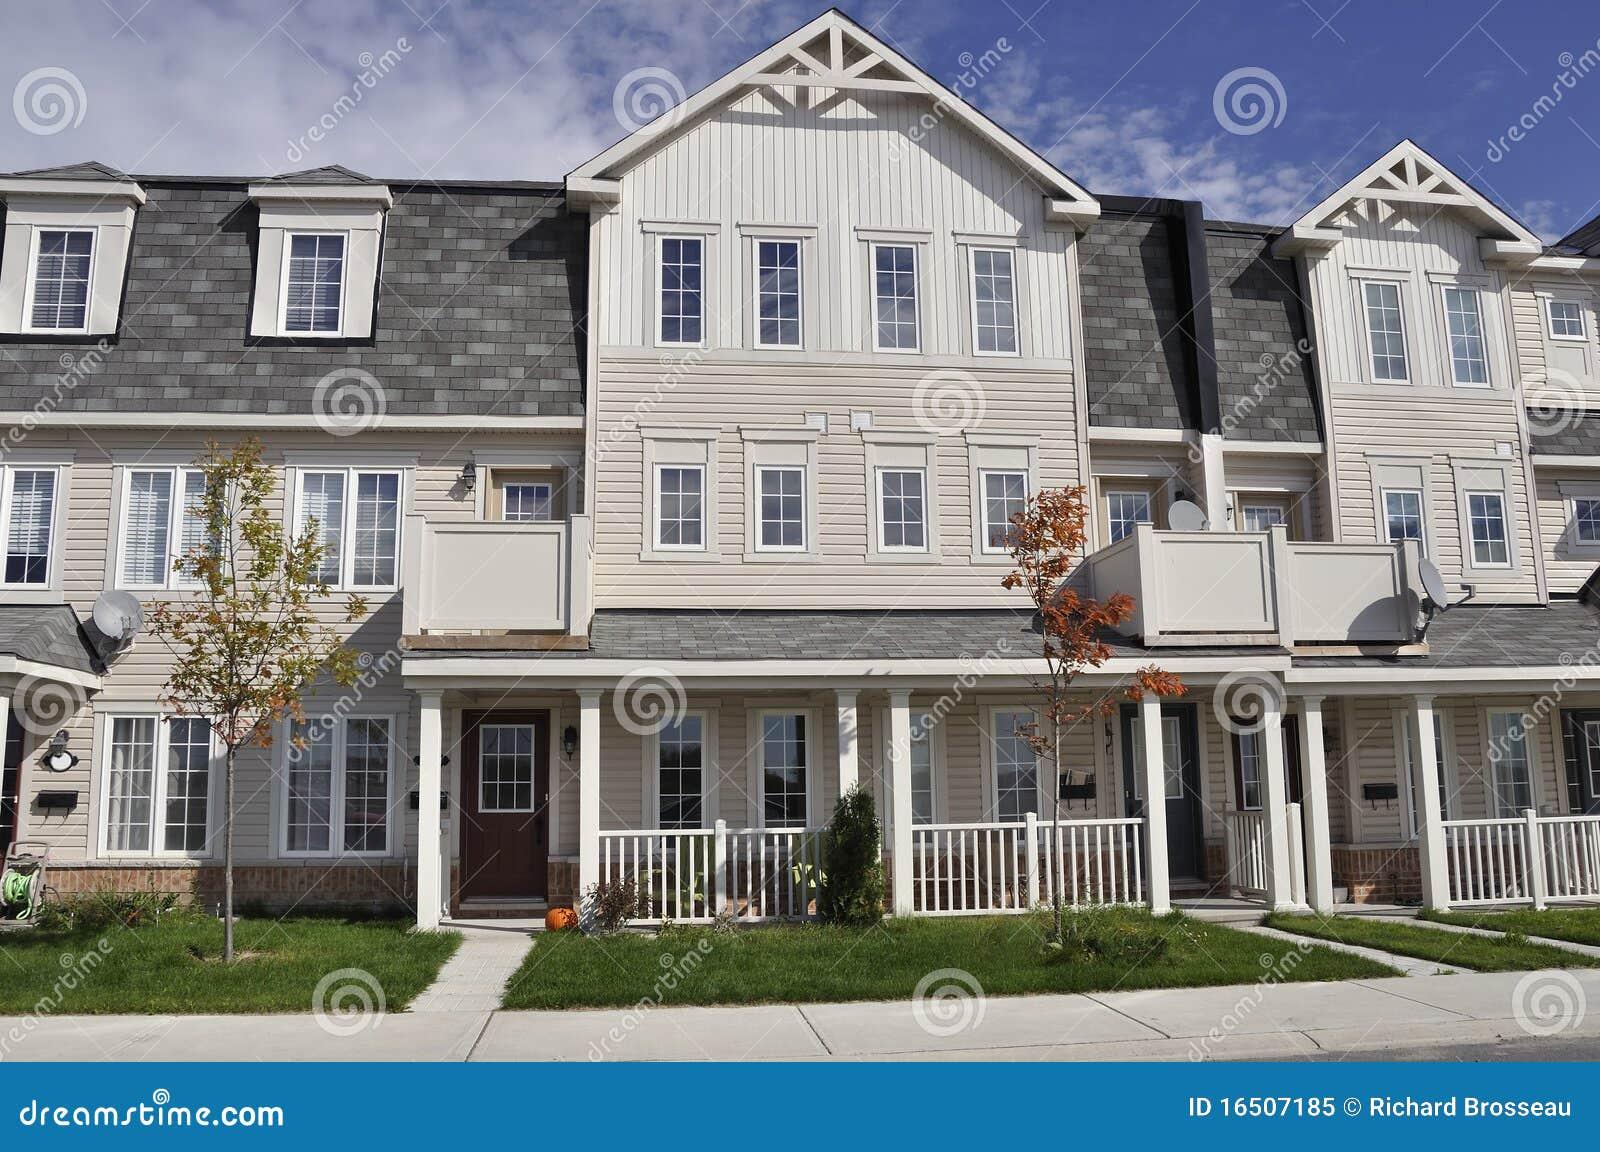 Moderne rij van huizen in de stad royalty vrije stock foto afbeelding 16507185 for Afbeelding van moderne huizen